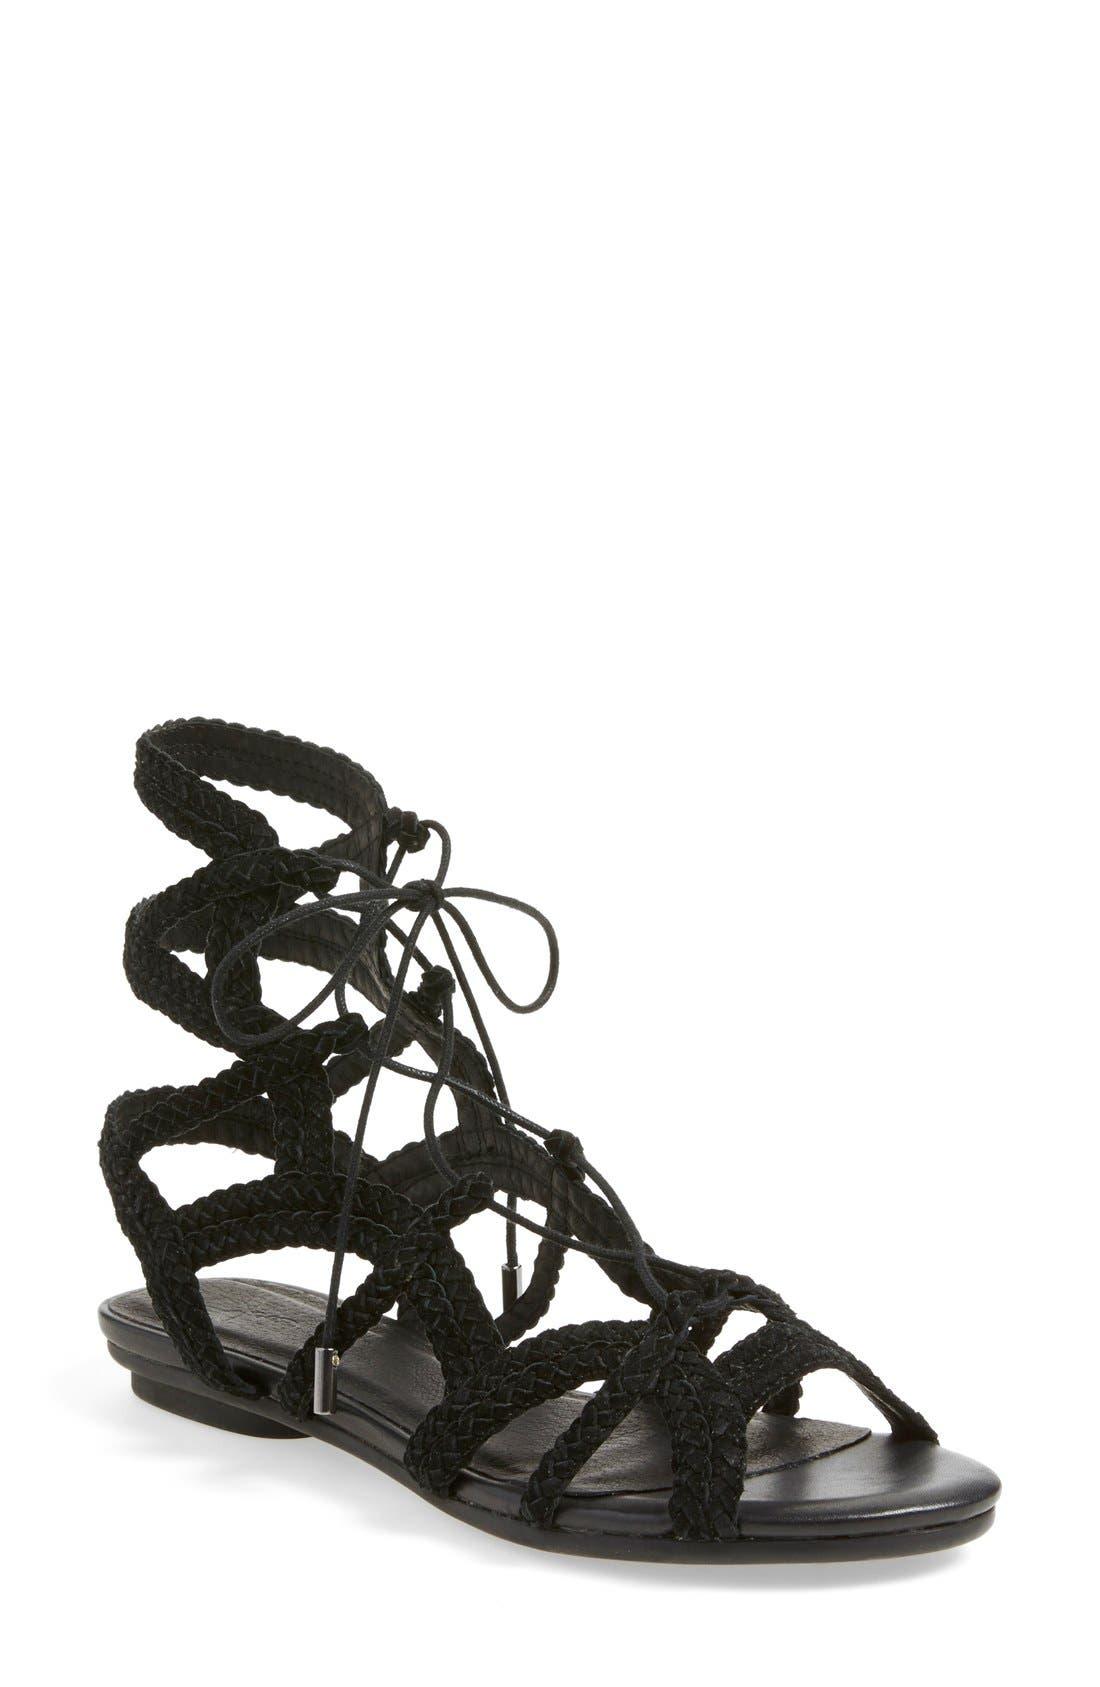 Main Image - Joie 'Fynn' Gladiator Sandal (Women)